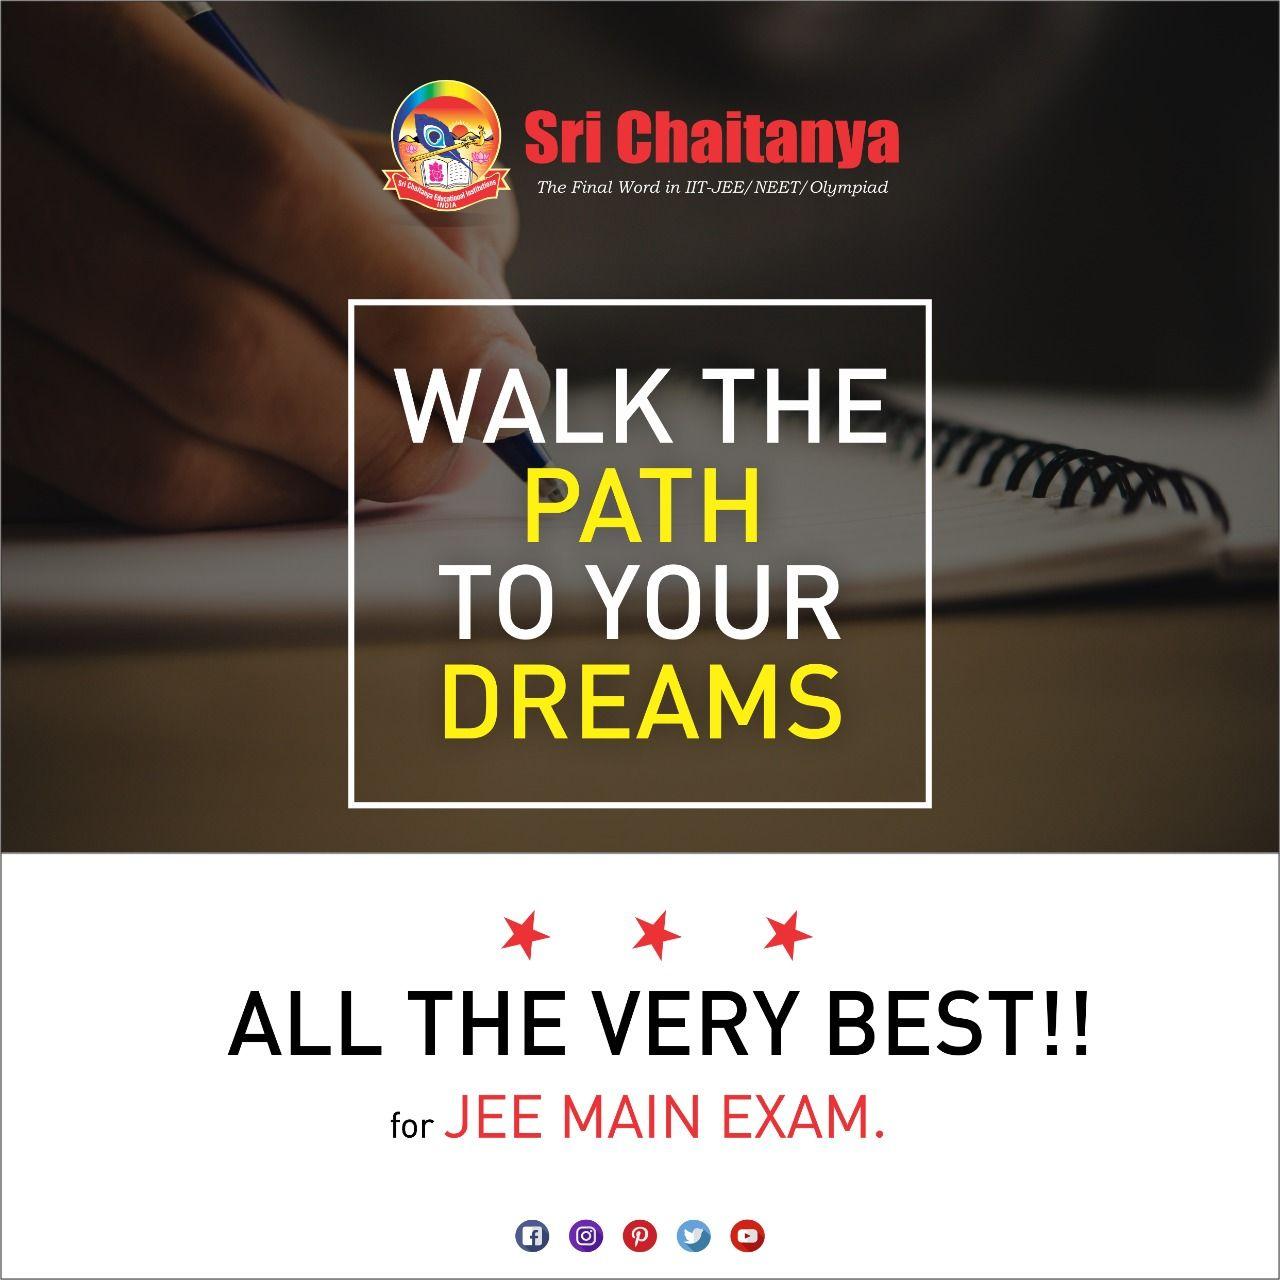 Sri Chaitanya Educational Institution, Chandigarh